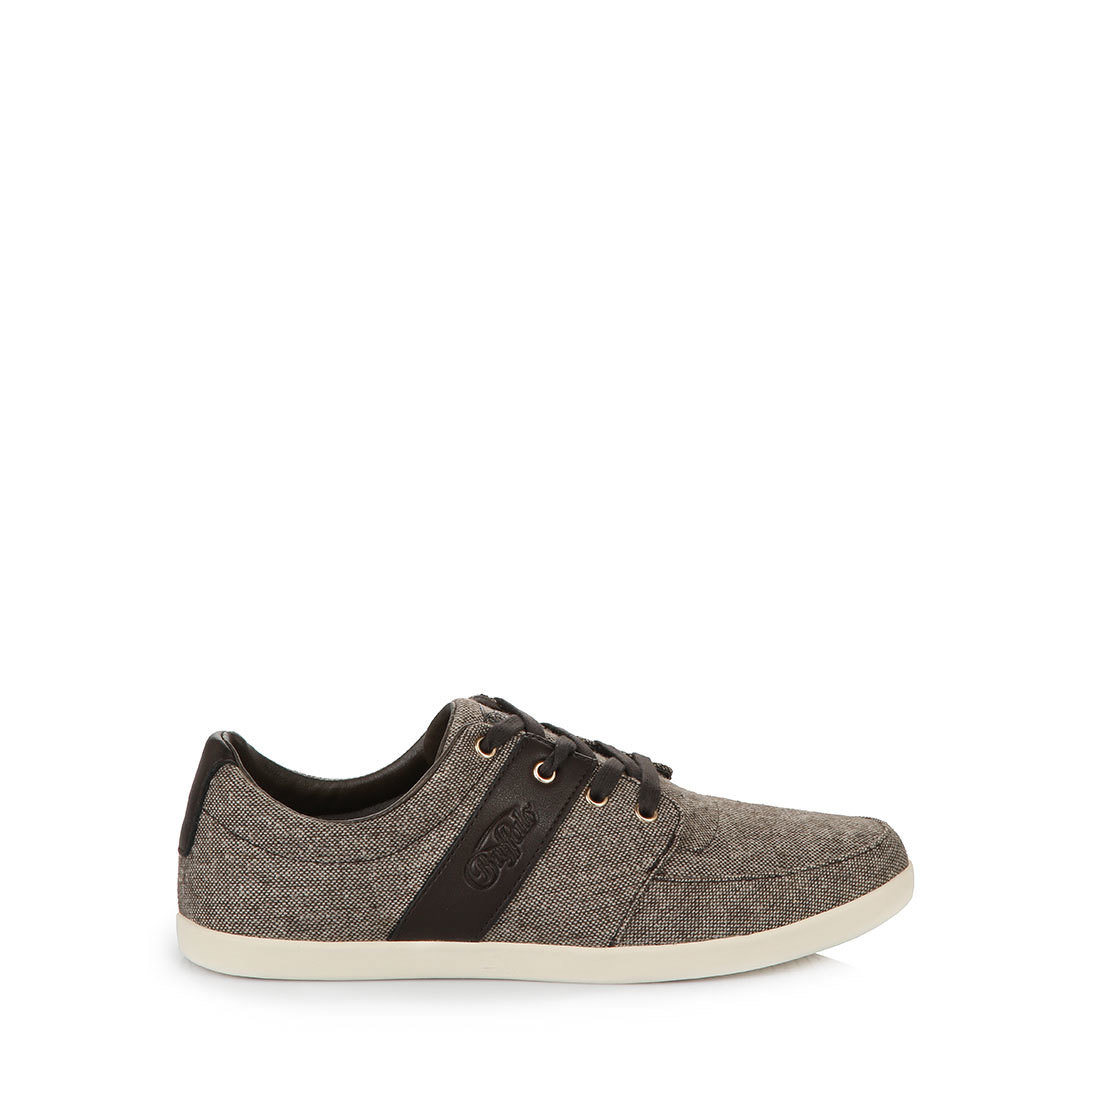 new arrival 4d920 79feb Buffalo Herren-Sneaker in braun online kaufen | BUFFALO®